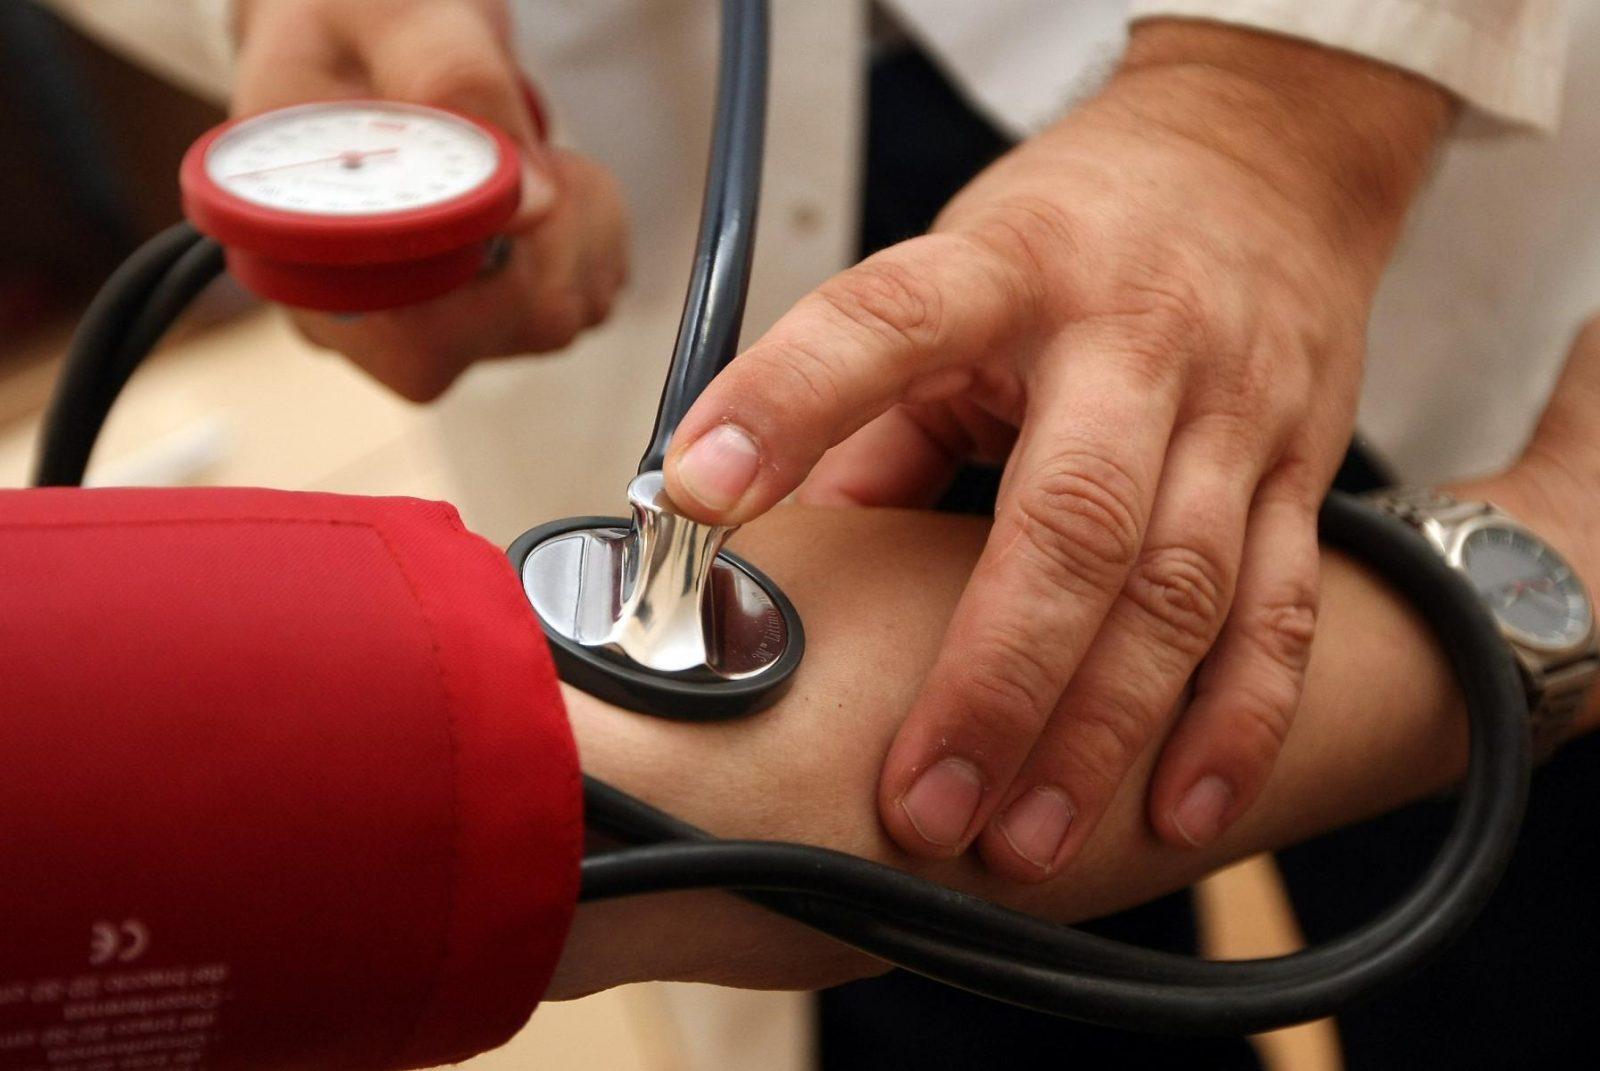 magas vérnyomás 1 fok jobb hagyományos orvoslás - magas vérnyomás kezelése népi gyógymódokkal